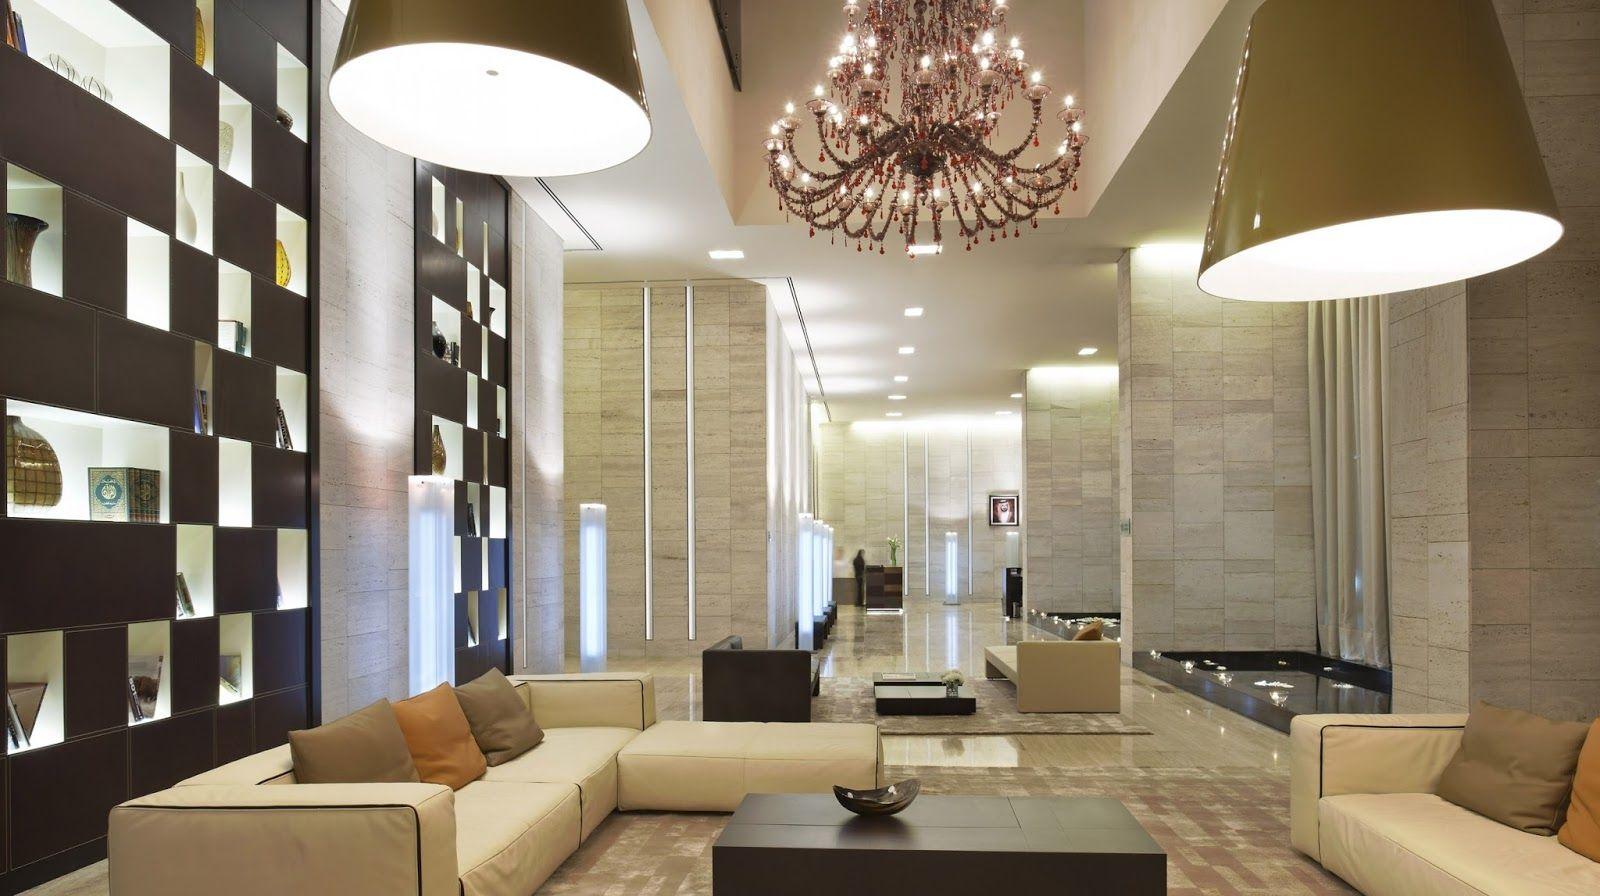 Interior Design Dubai pin by s3tkoncepts on interior designers in dubai